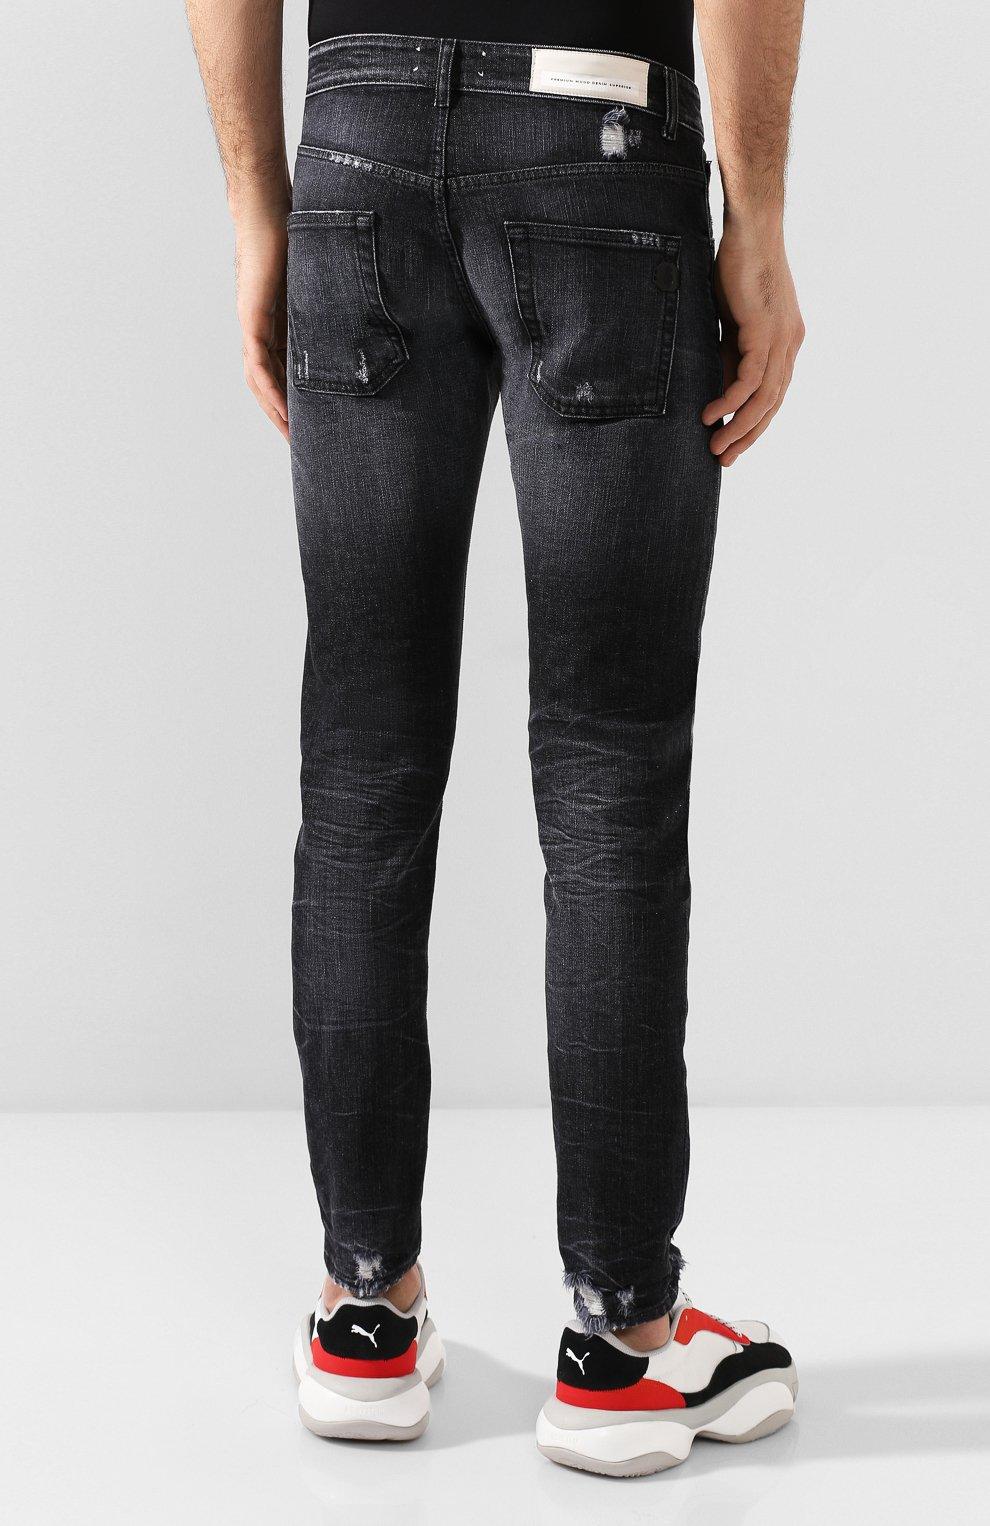 Мужские джинсы PREMIUM MOOD DENIM SUPERIOR темно-серого цвета, арт. S20 0310351641/PAUL | Фото 4